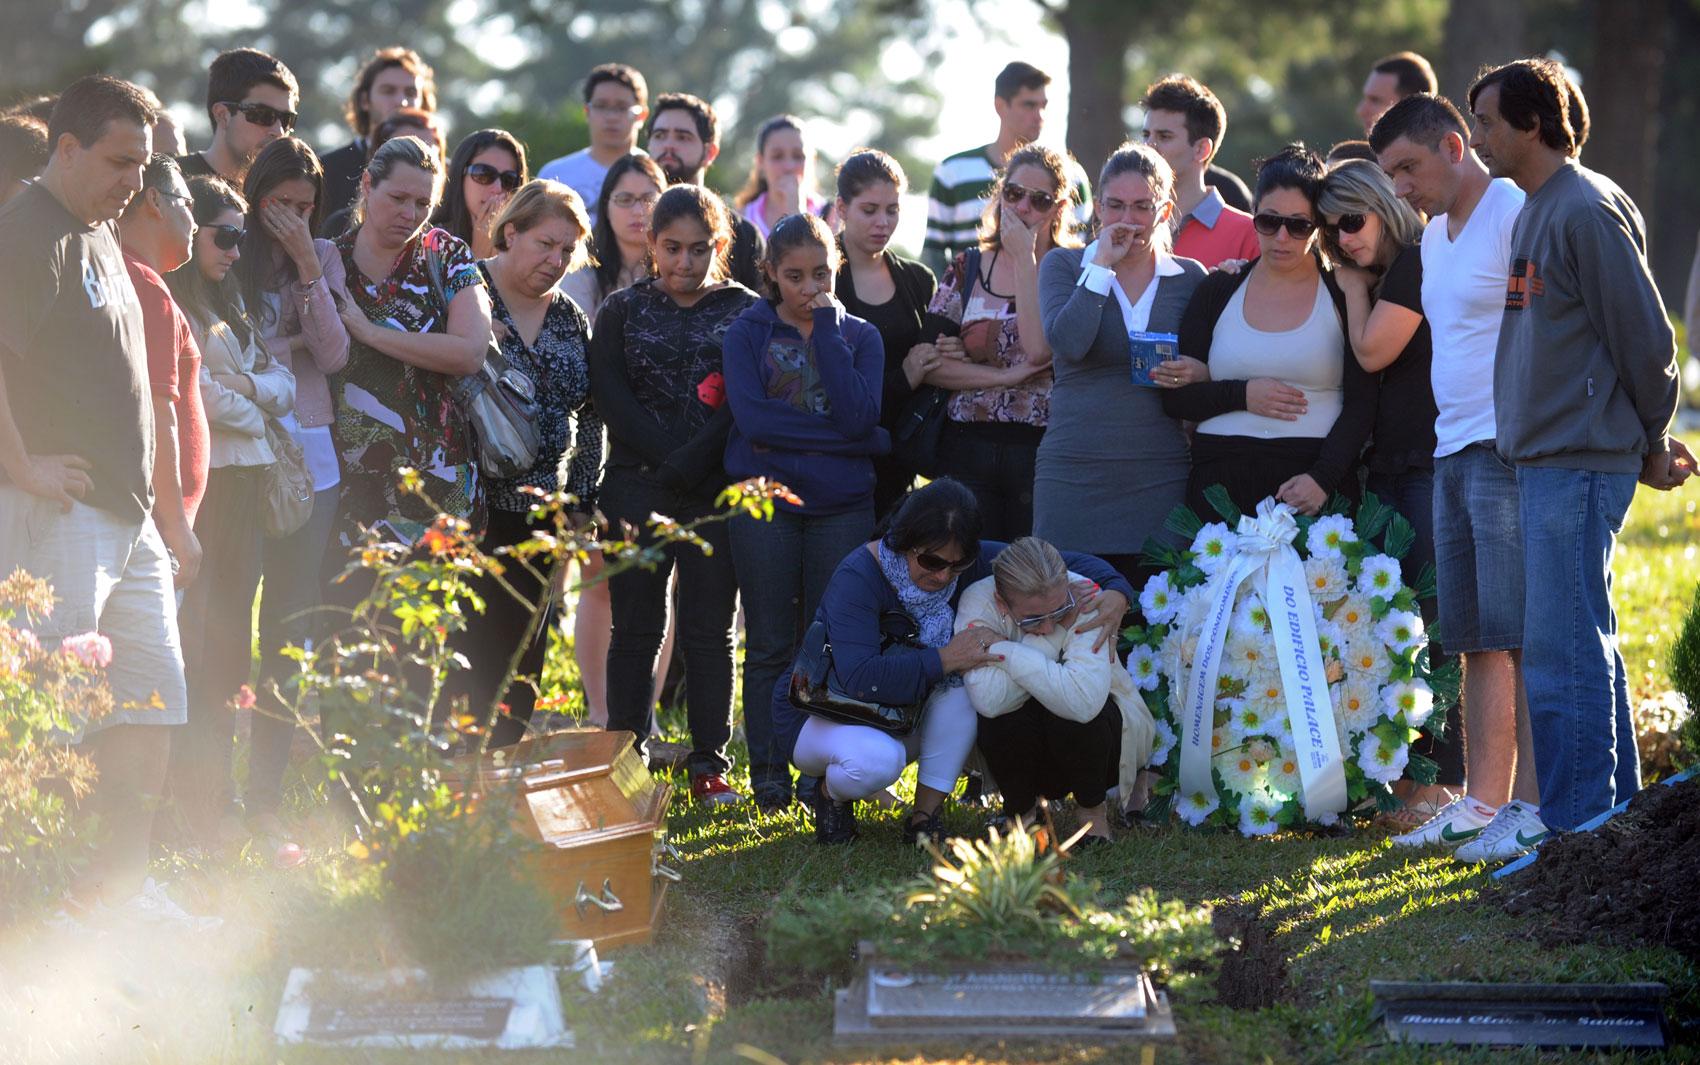 28 de janeiro - Família e amigos de Heitor de Oliveira, uma das vítimas do incêndio na boate Kiss, participam do enterro do jovem de 24 anos, no cemitério Santa Rita